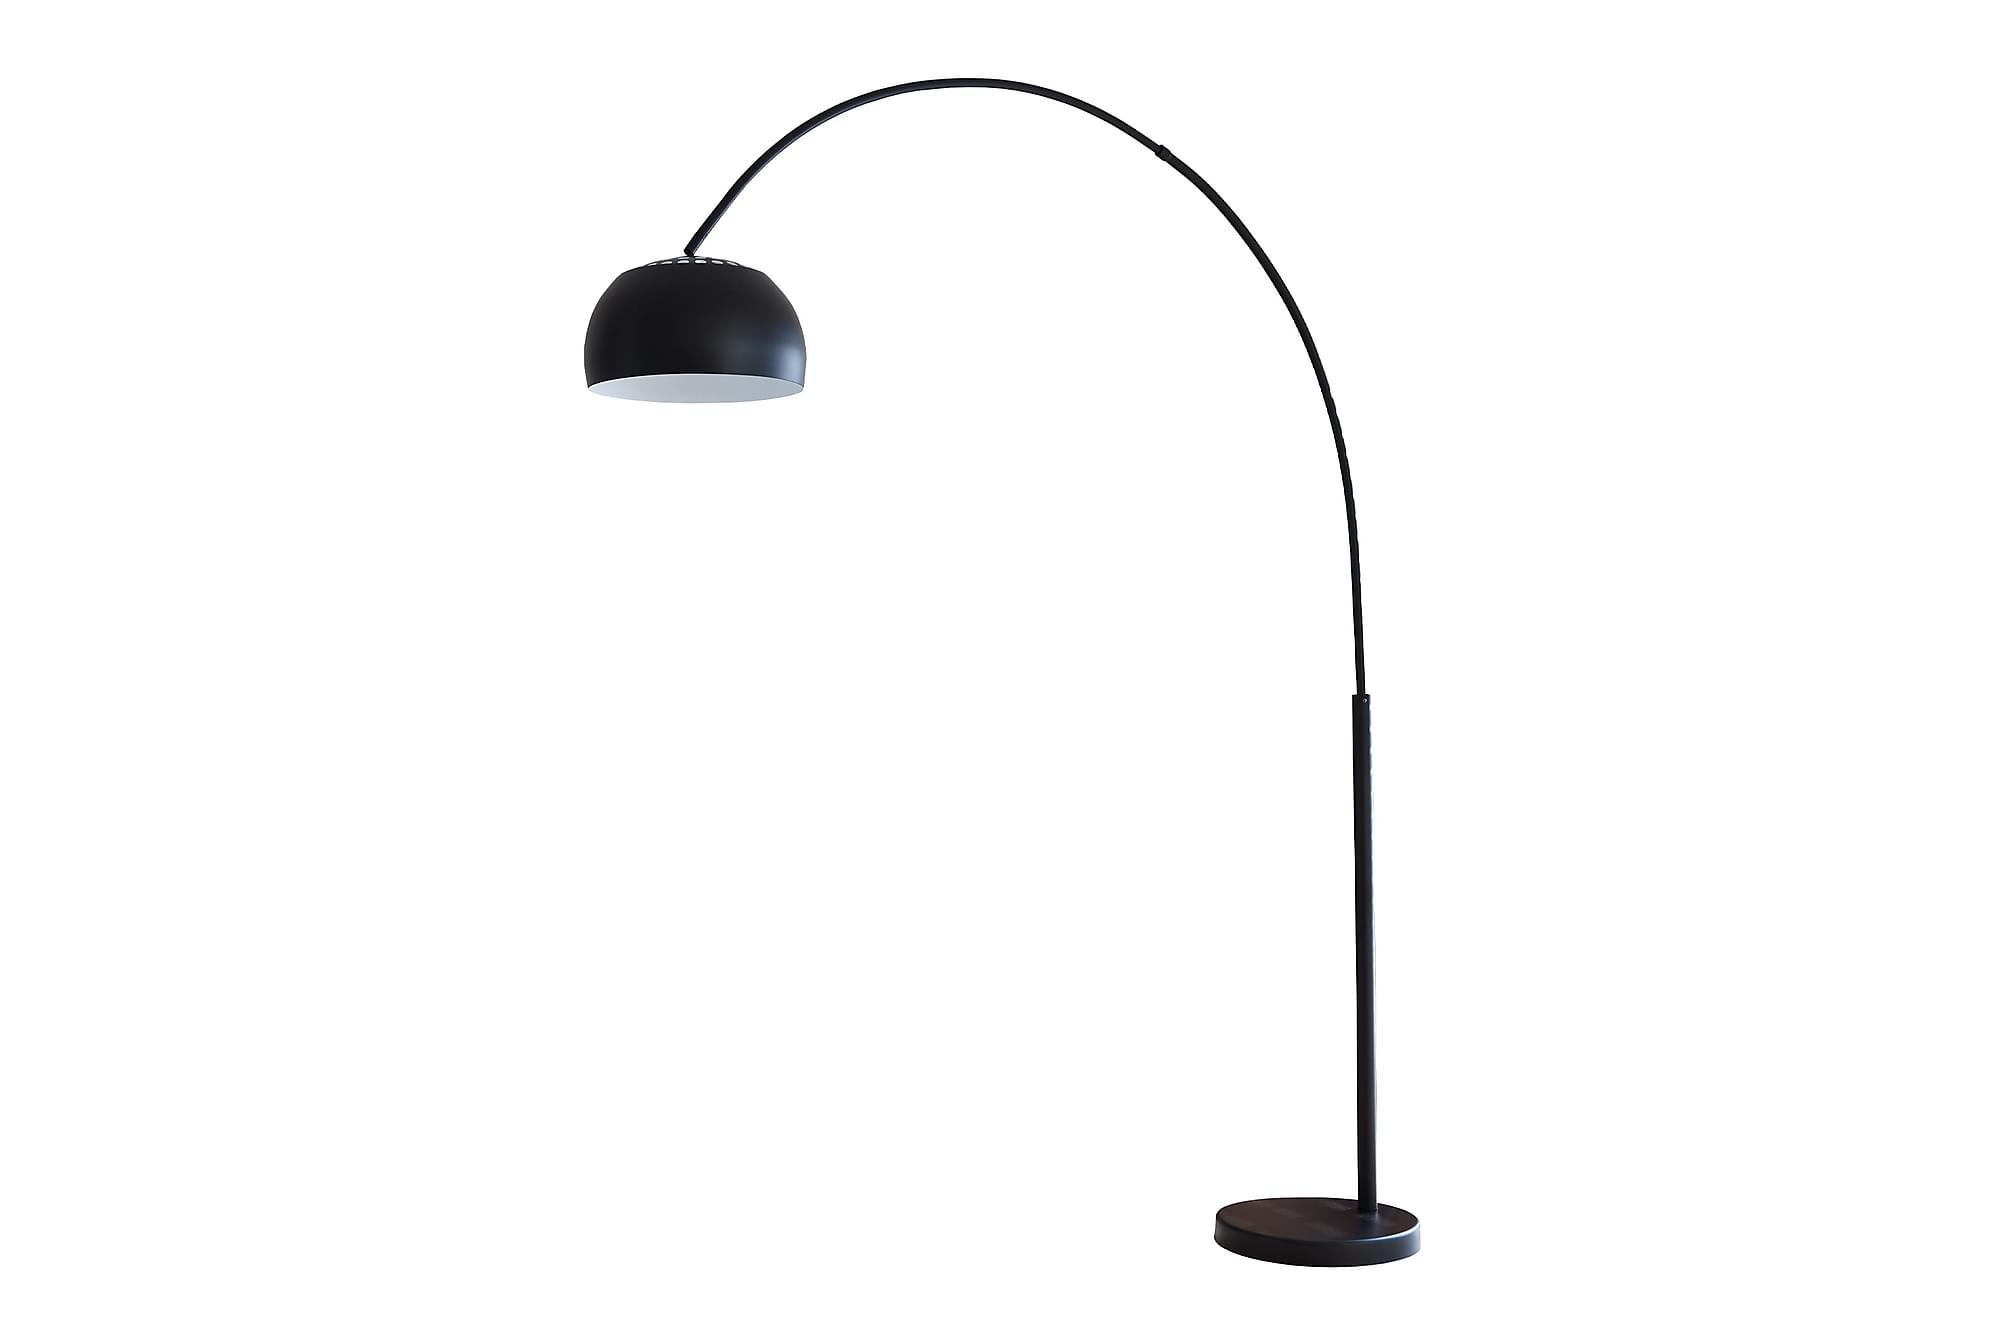 Båglampa 195 cm black, Golvlampor